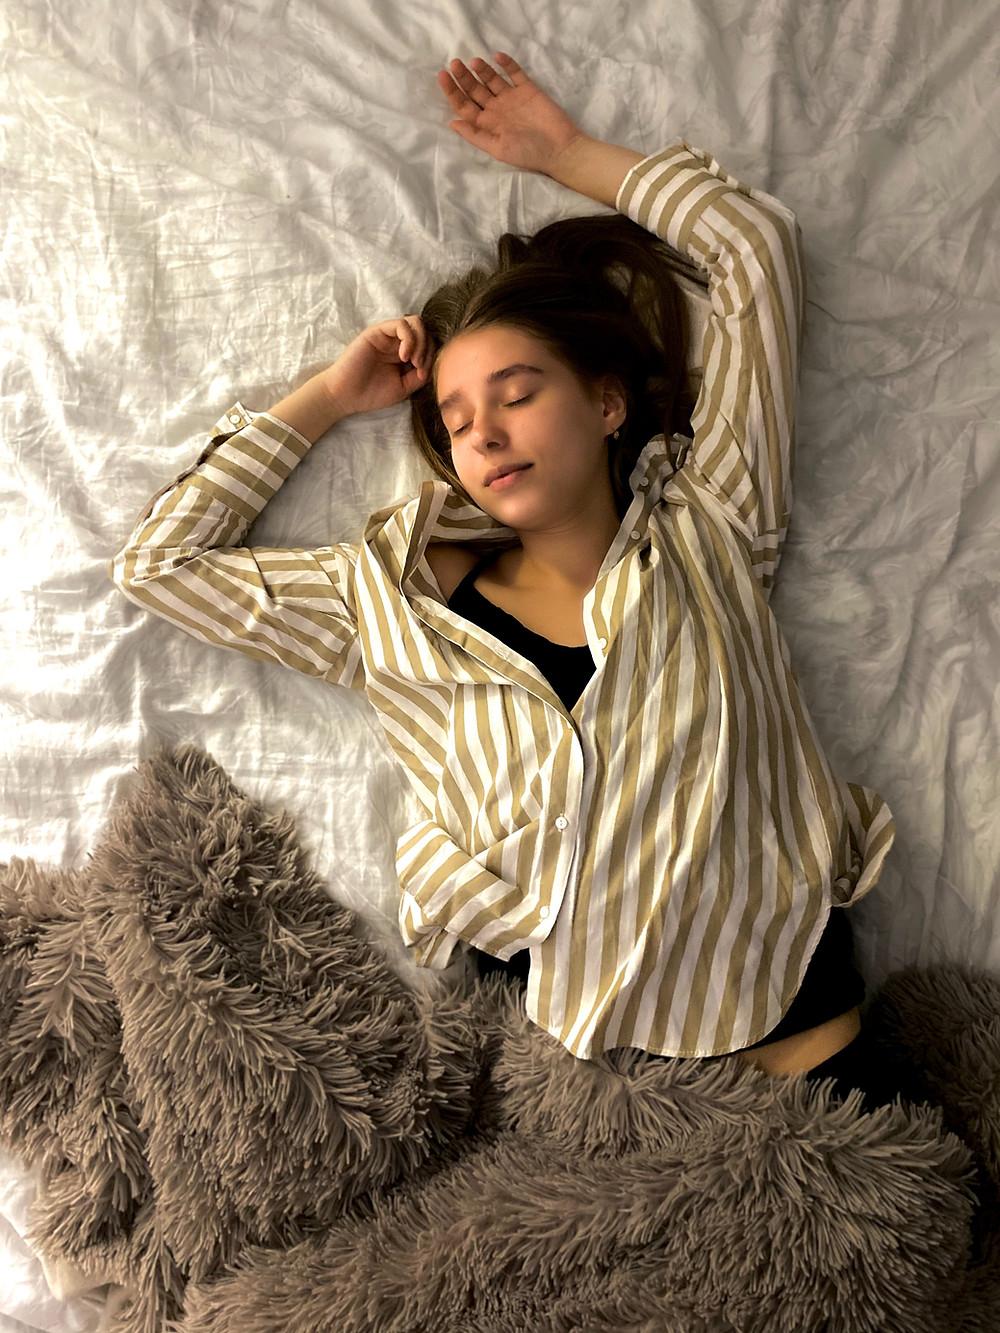 woman sleep insomnia